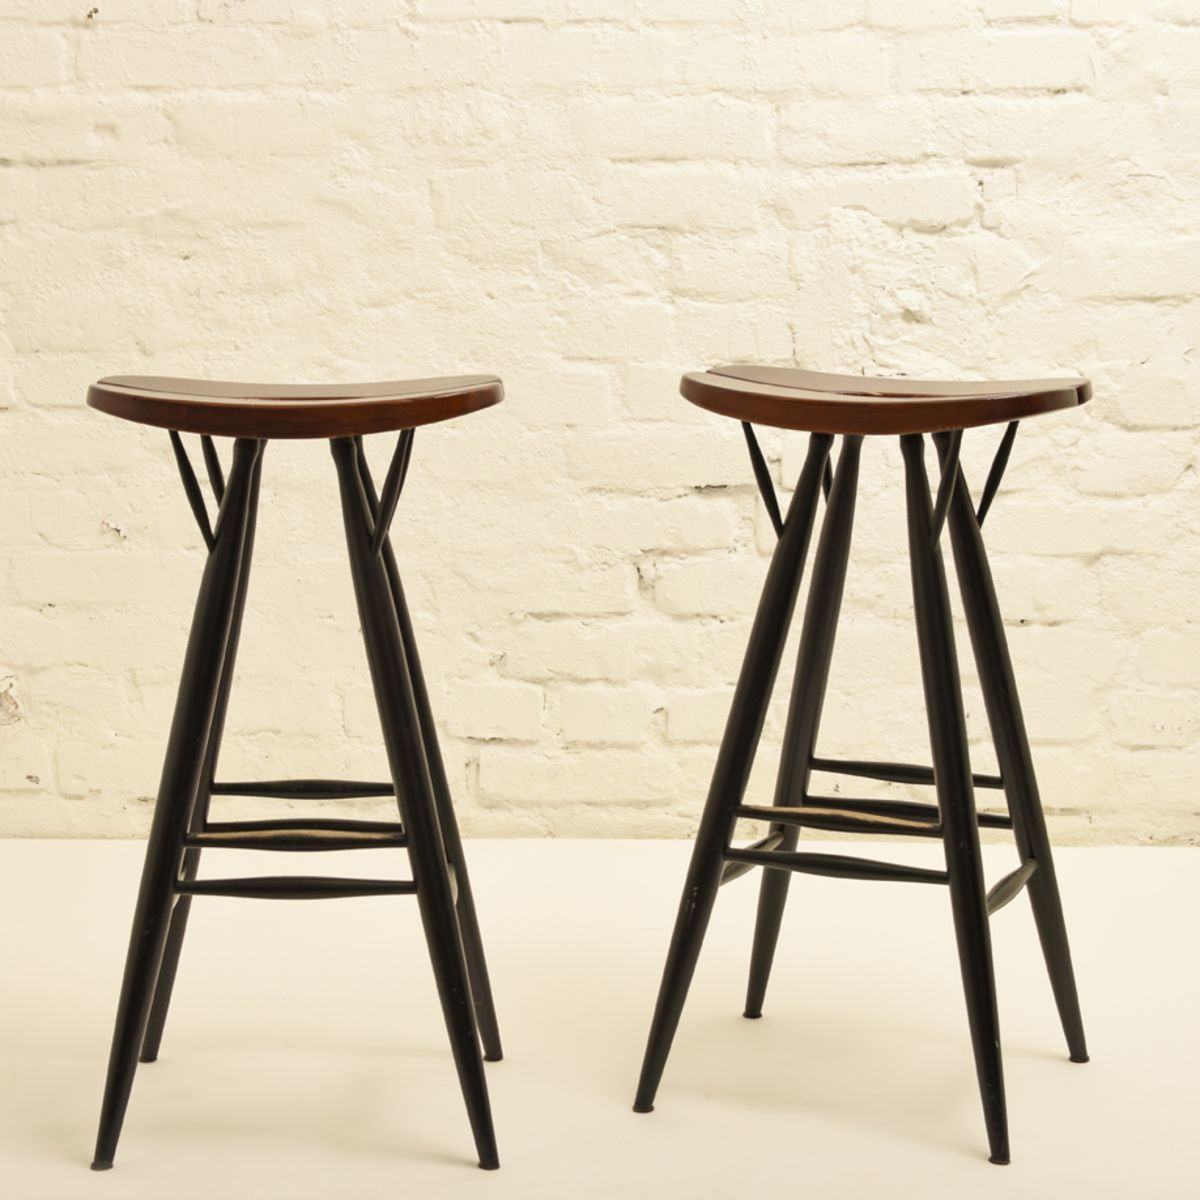 Tapiovaara-Ilmari_Pirkka-bar-stool